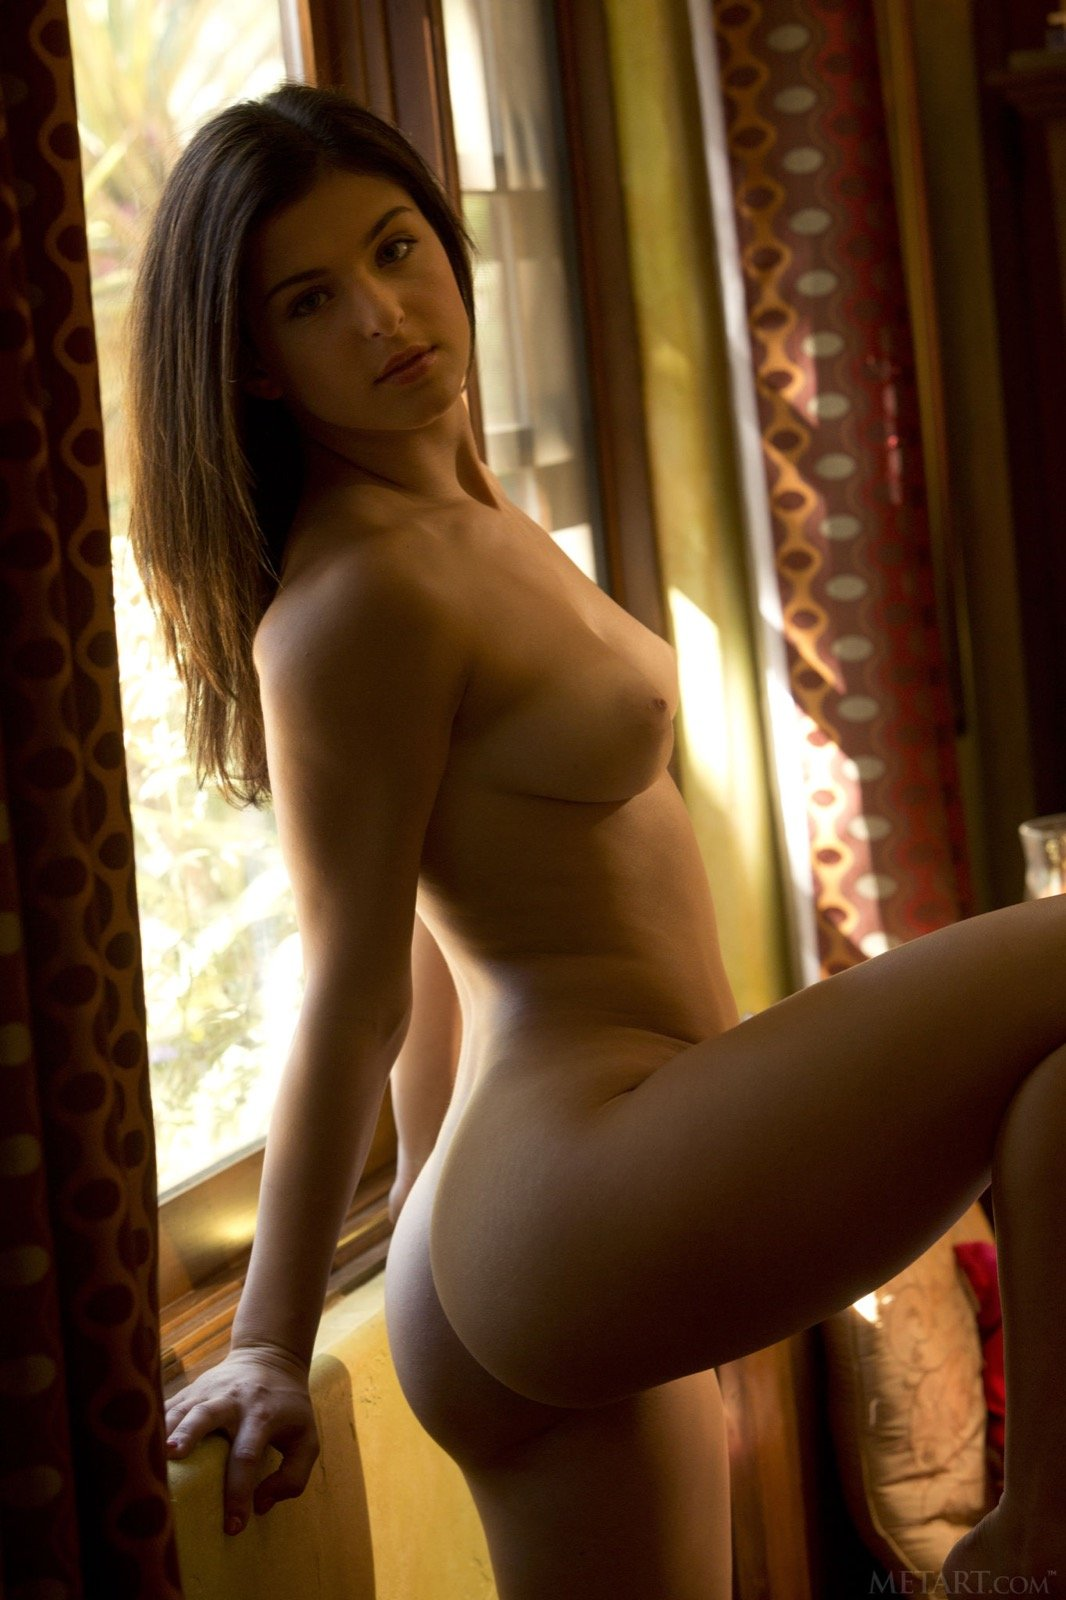 Восхитительная тёлка без стрингов фотографируется в своей квартире